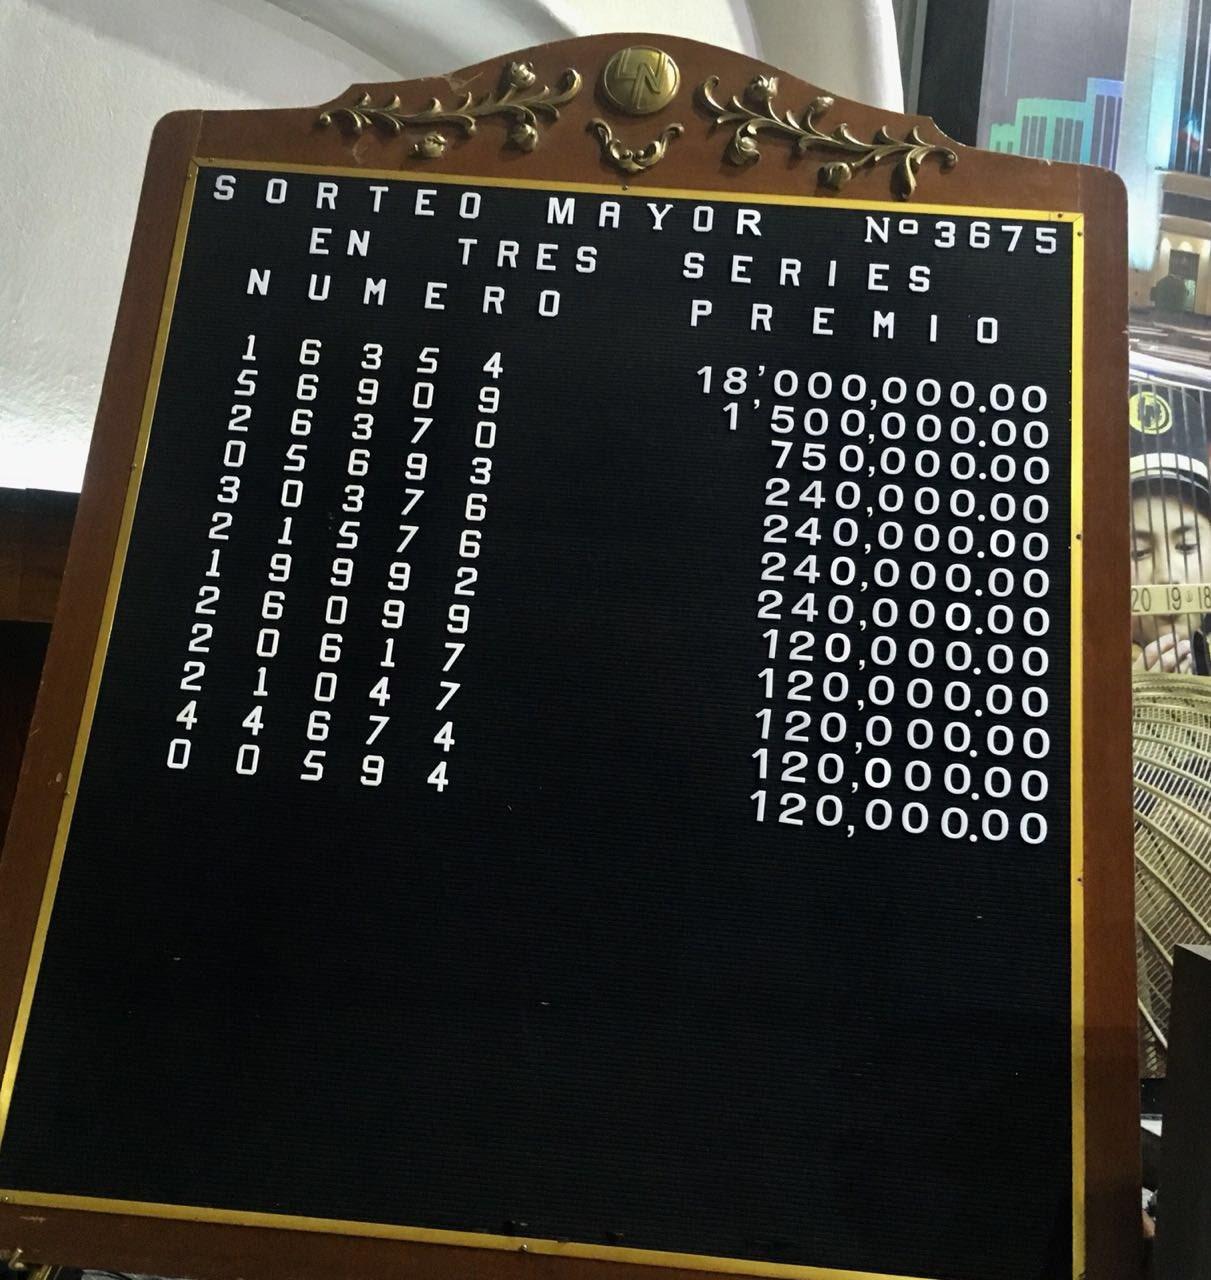 Resultados sorteo mayor 3675